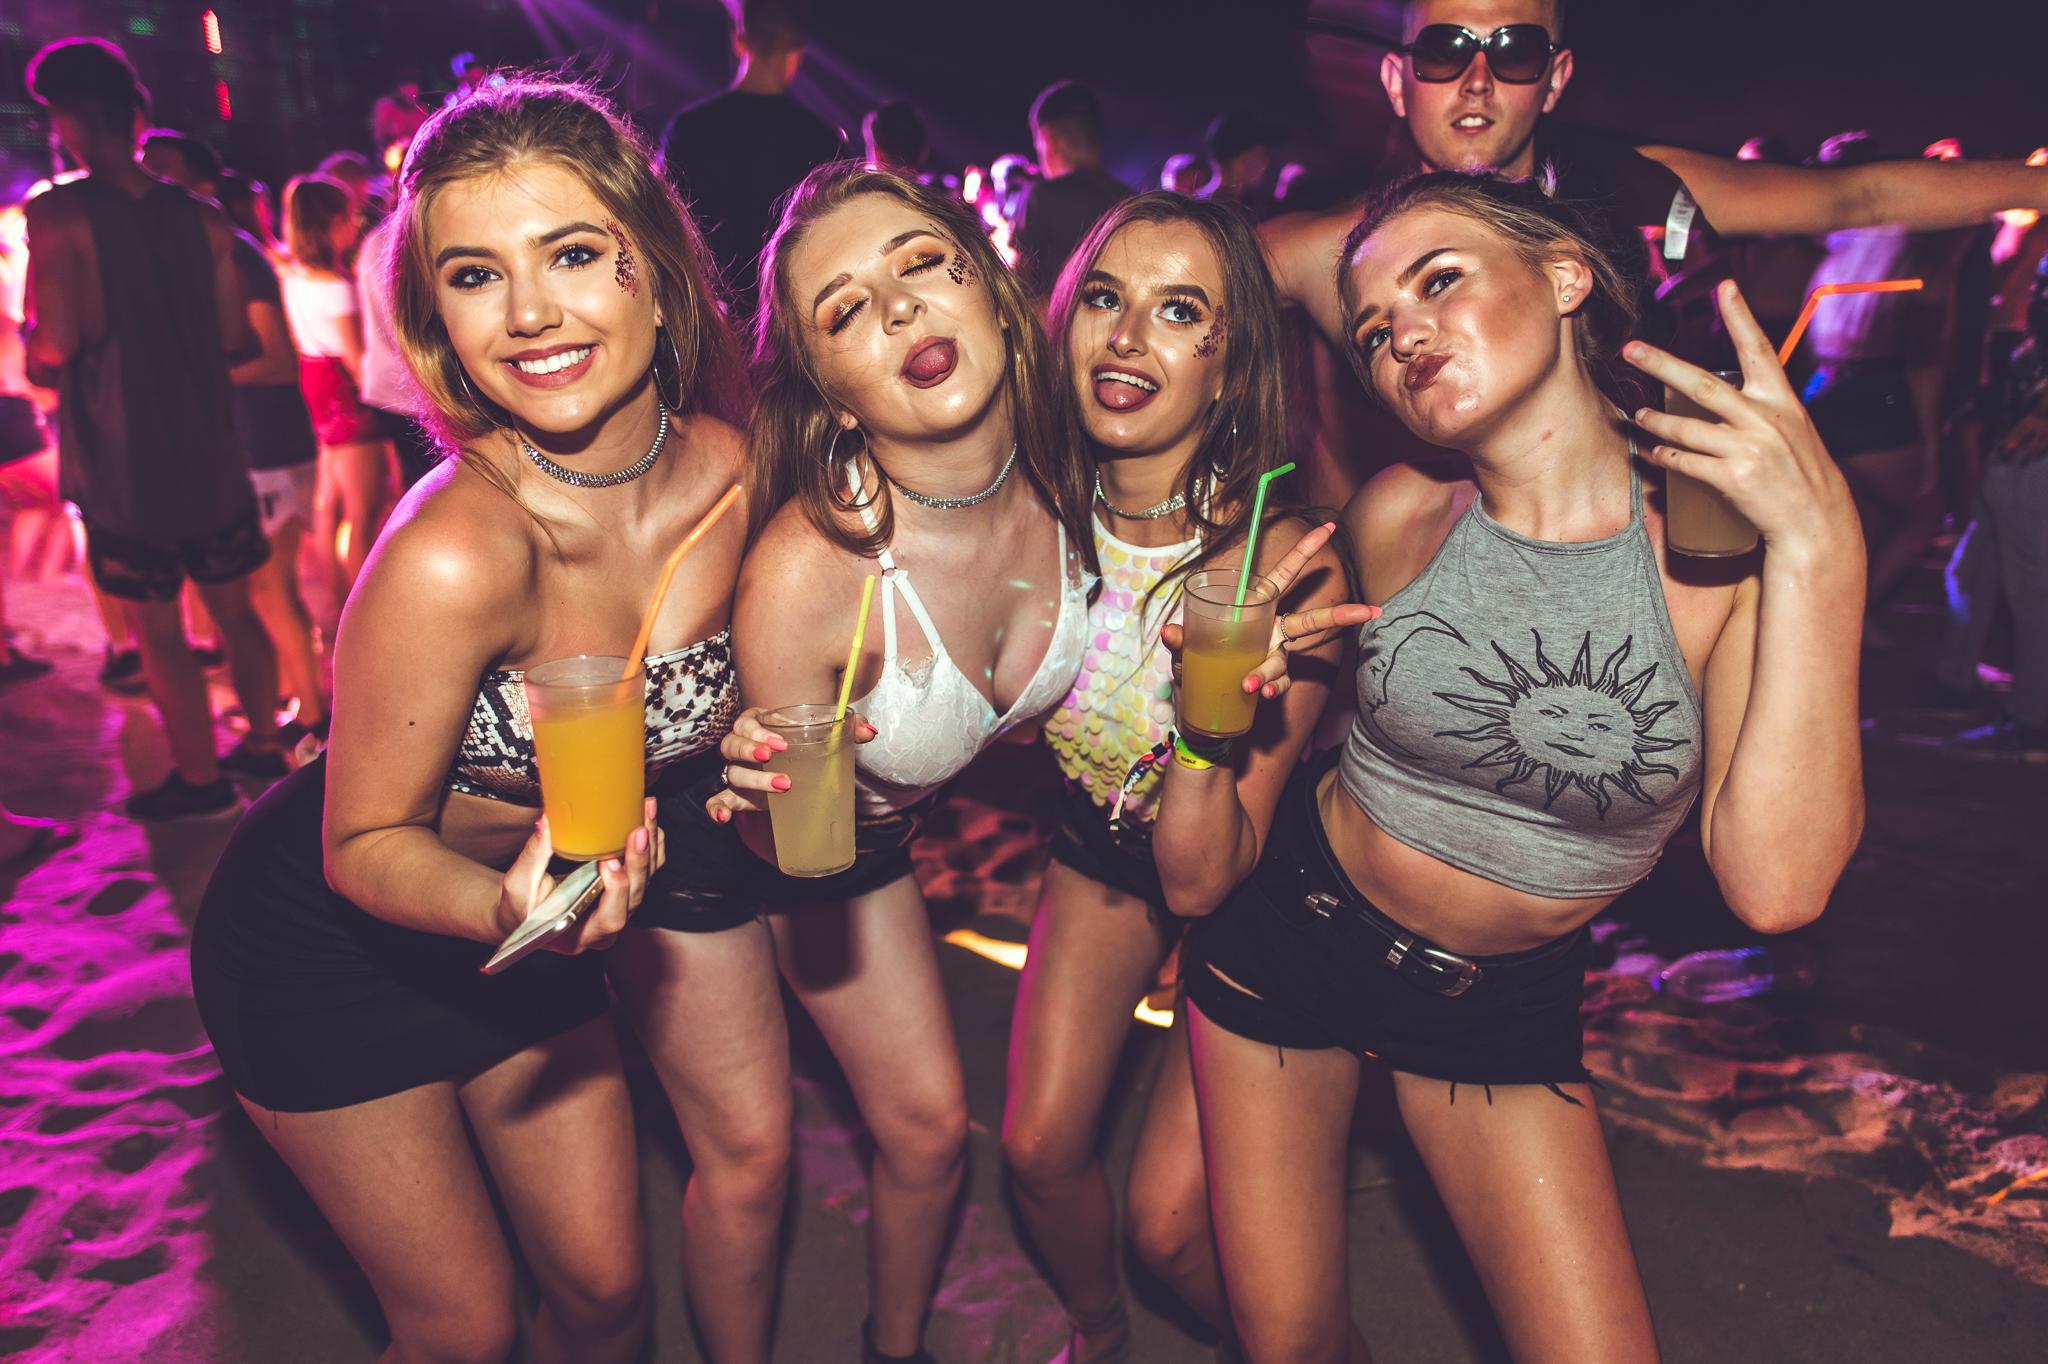 Проститутки и праздники